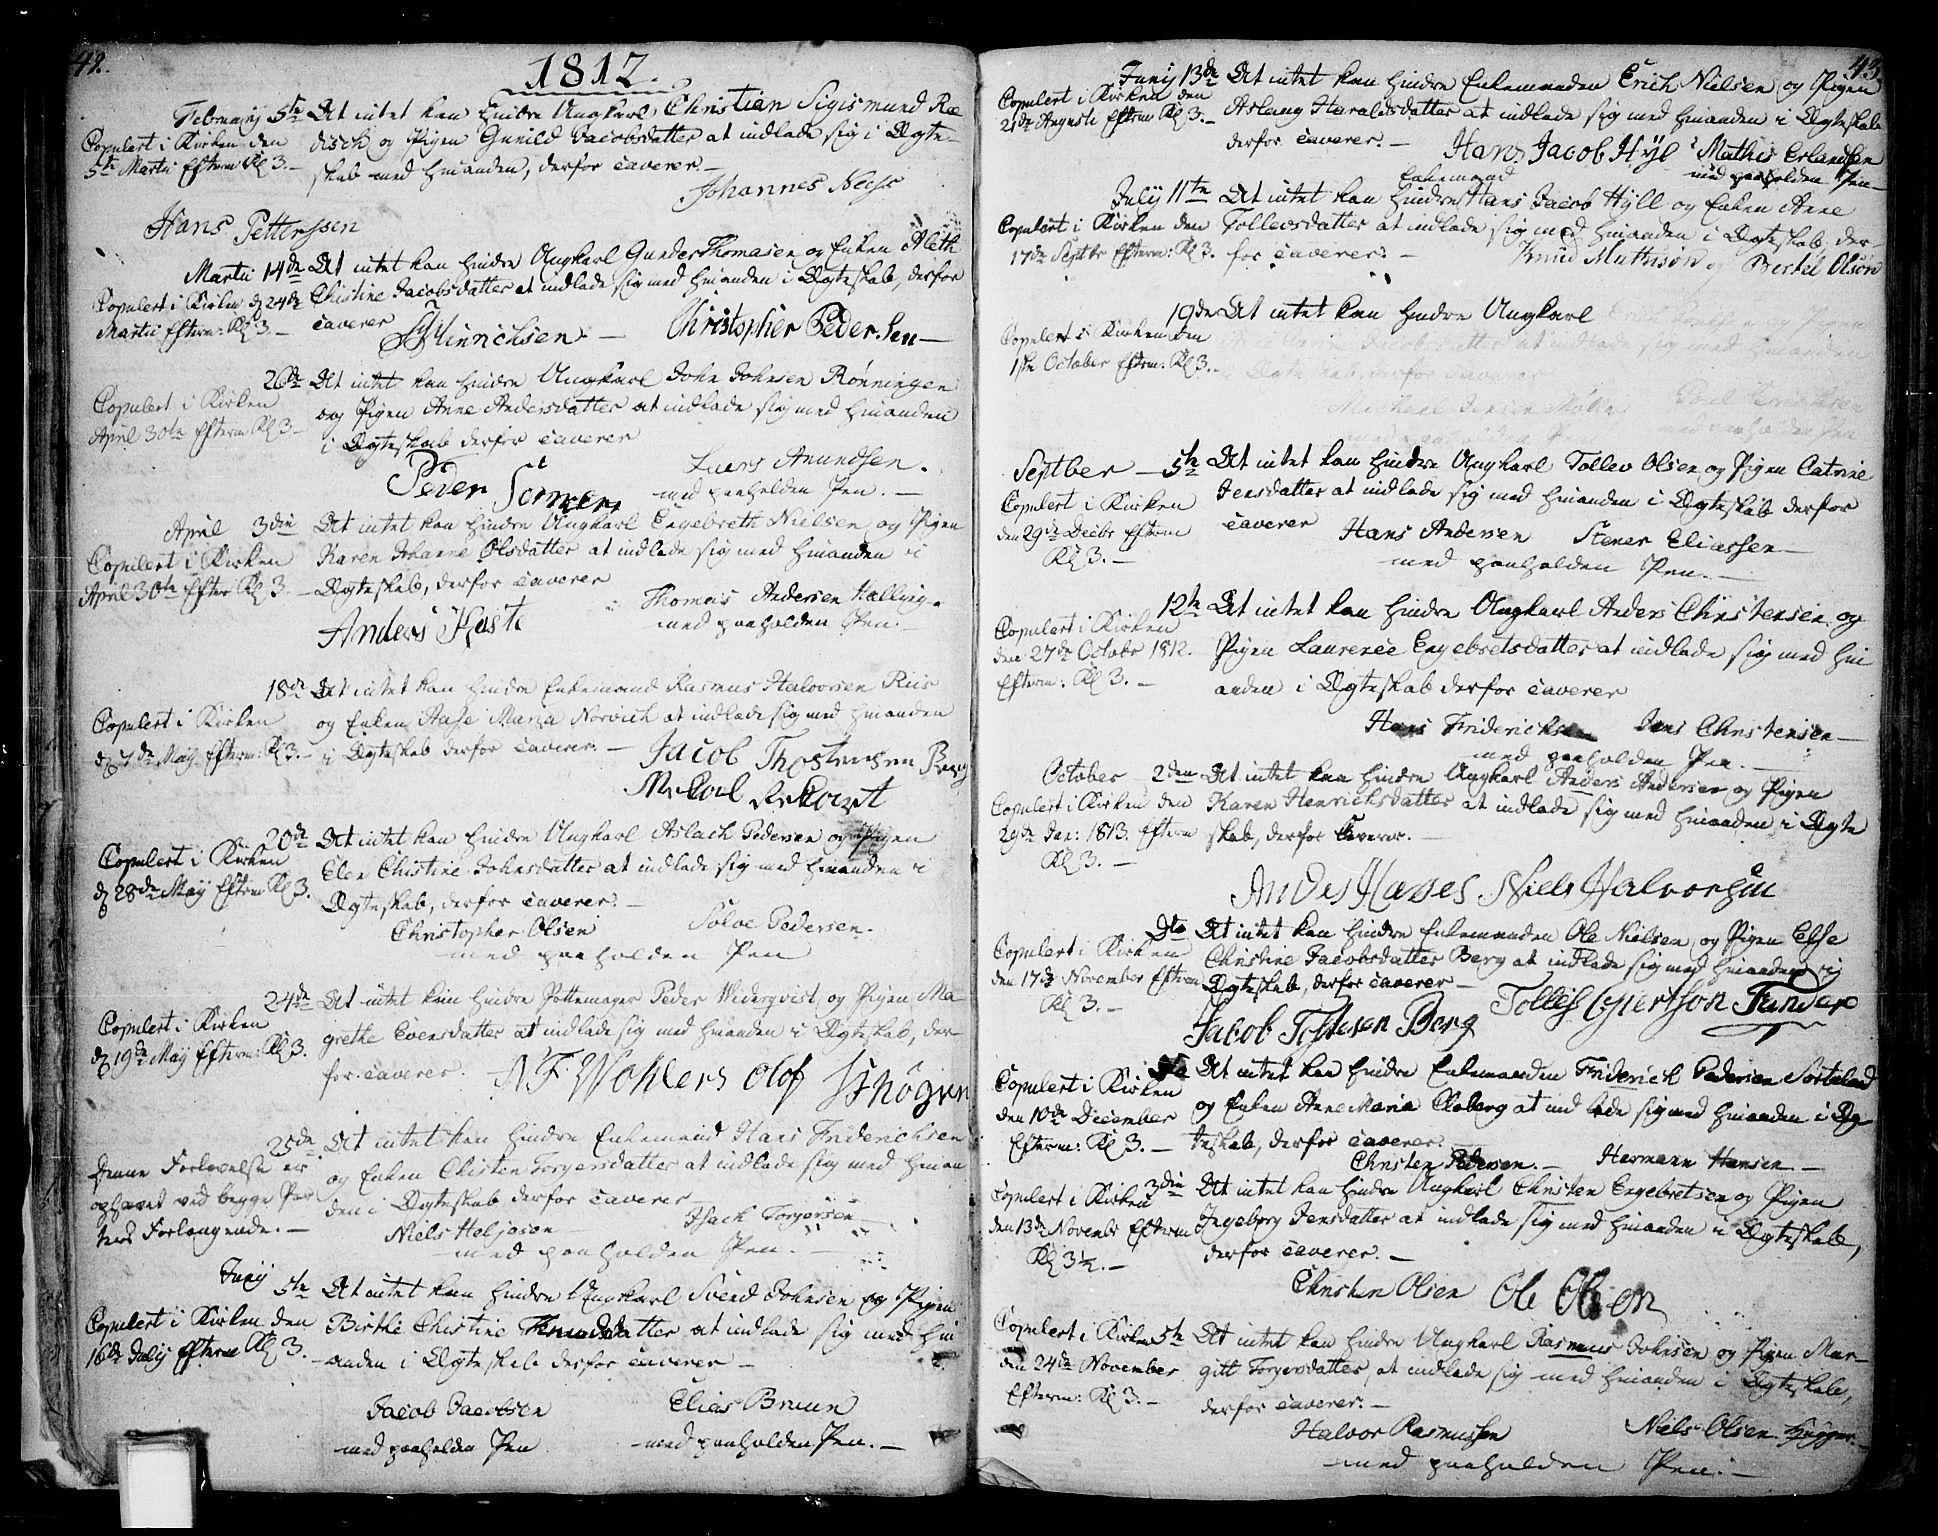 SAKO, Skien kirkebøker, F/Fa/L0004: Ministerialbok nr. 4, 1792-1814, s. 42-43